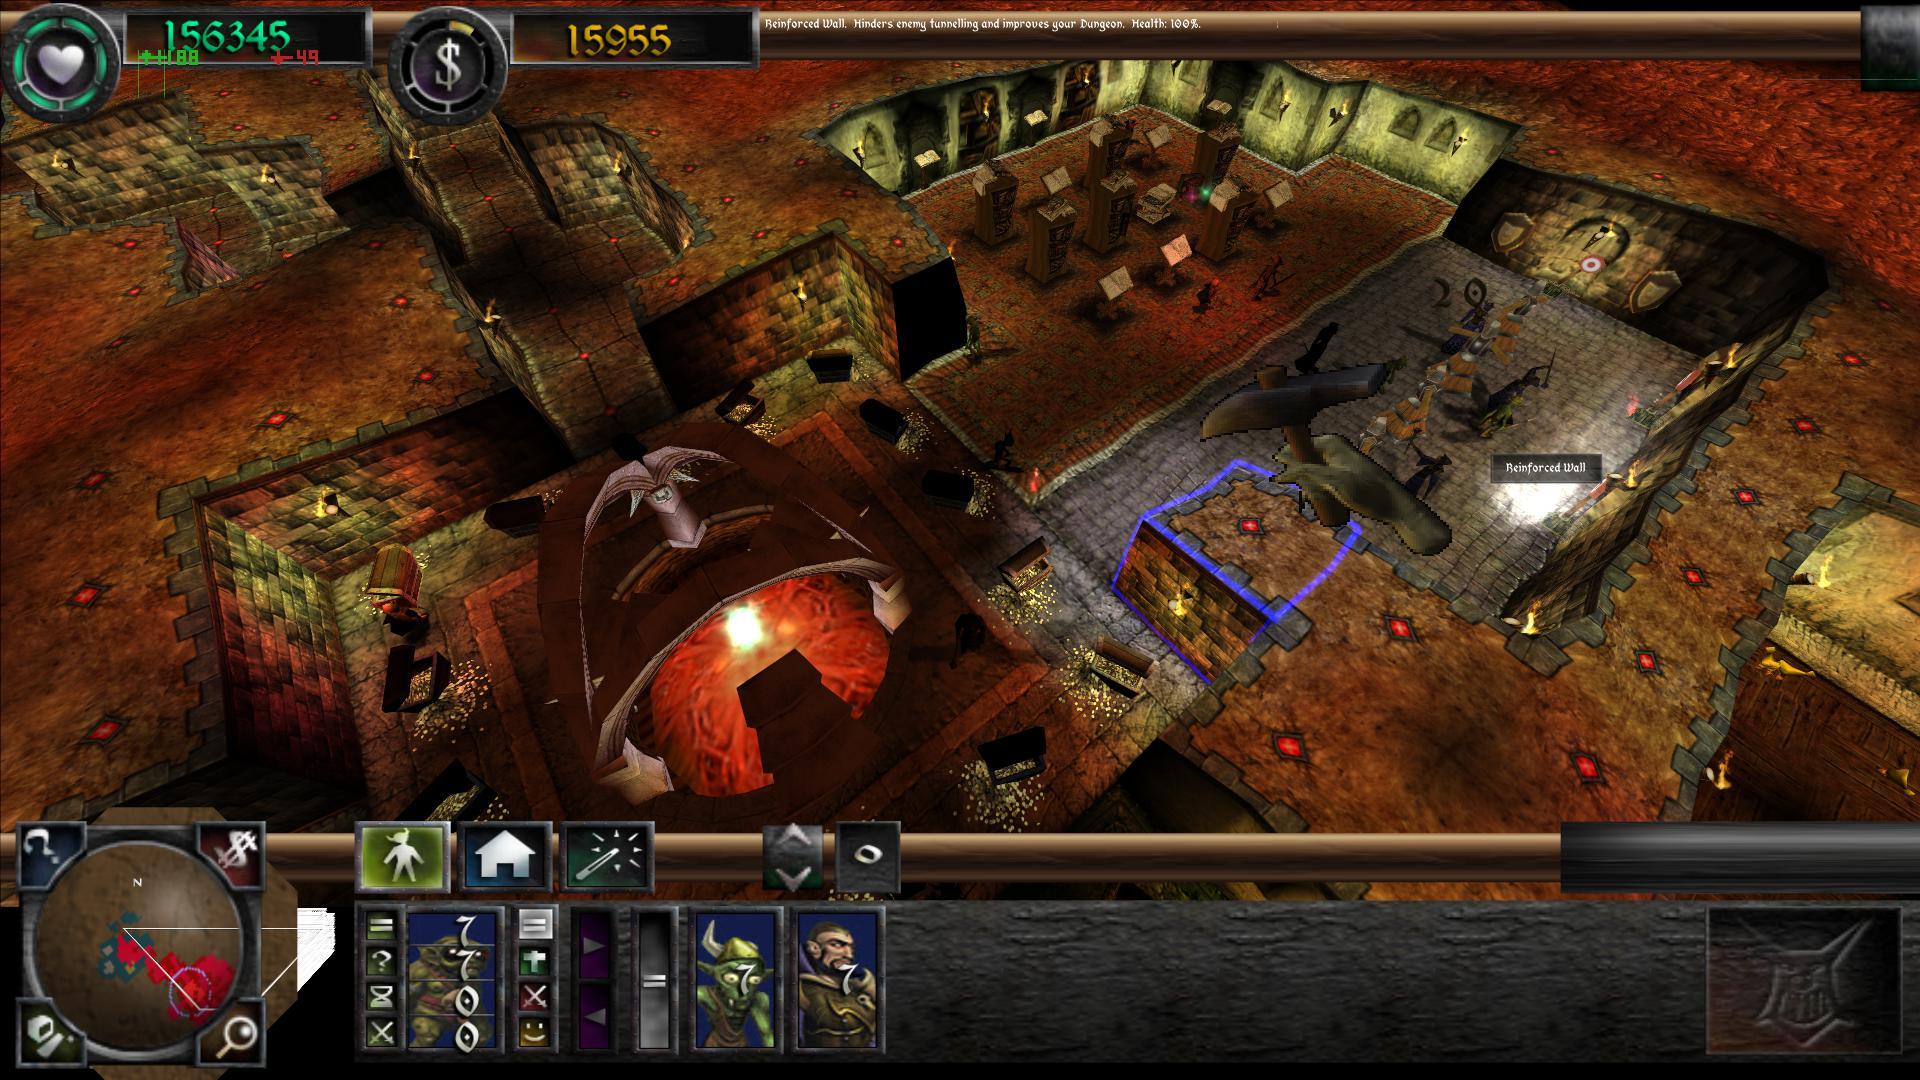 dungeon-keeper-2-screenshot3-1080p.jpg